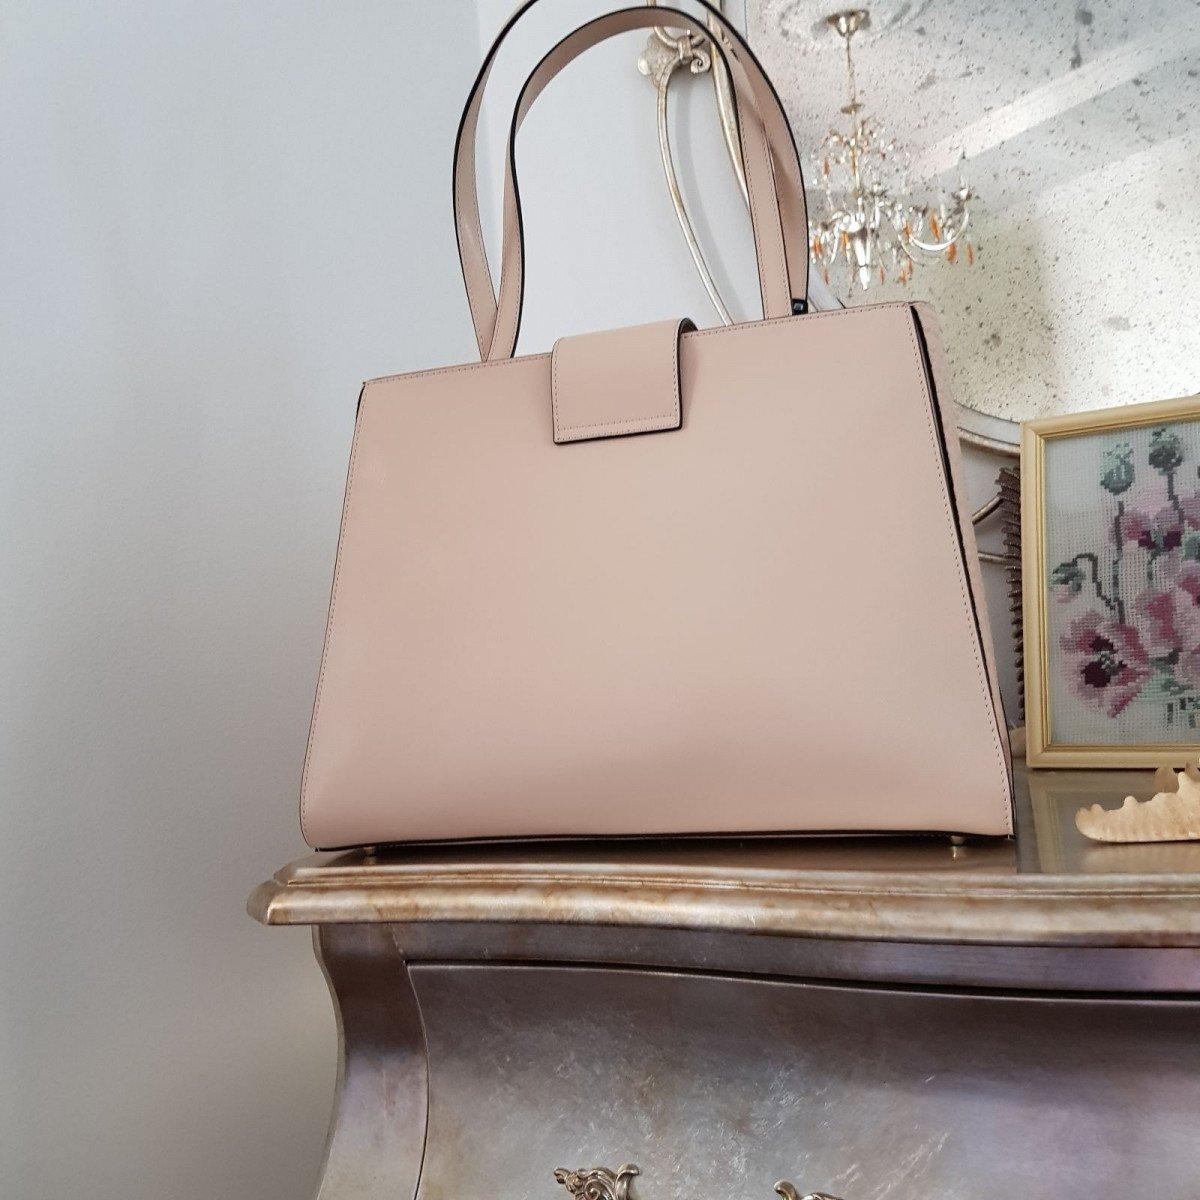 Женская кожаная сумка Cromia 1404560 NUDE из натуральной кожи